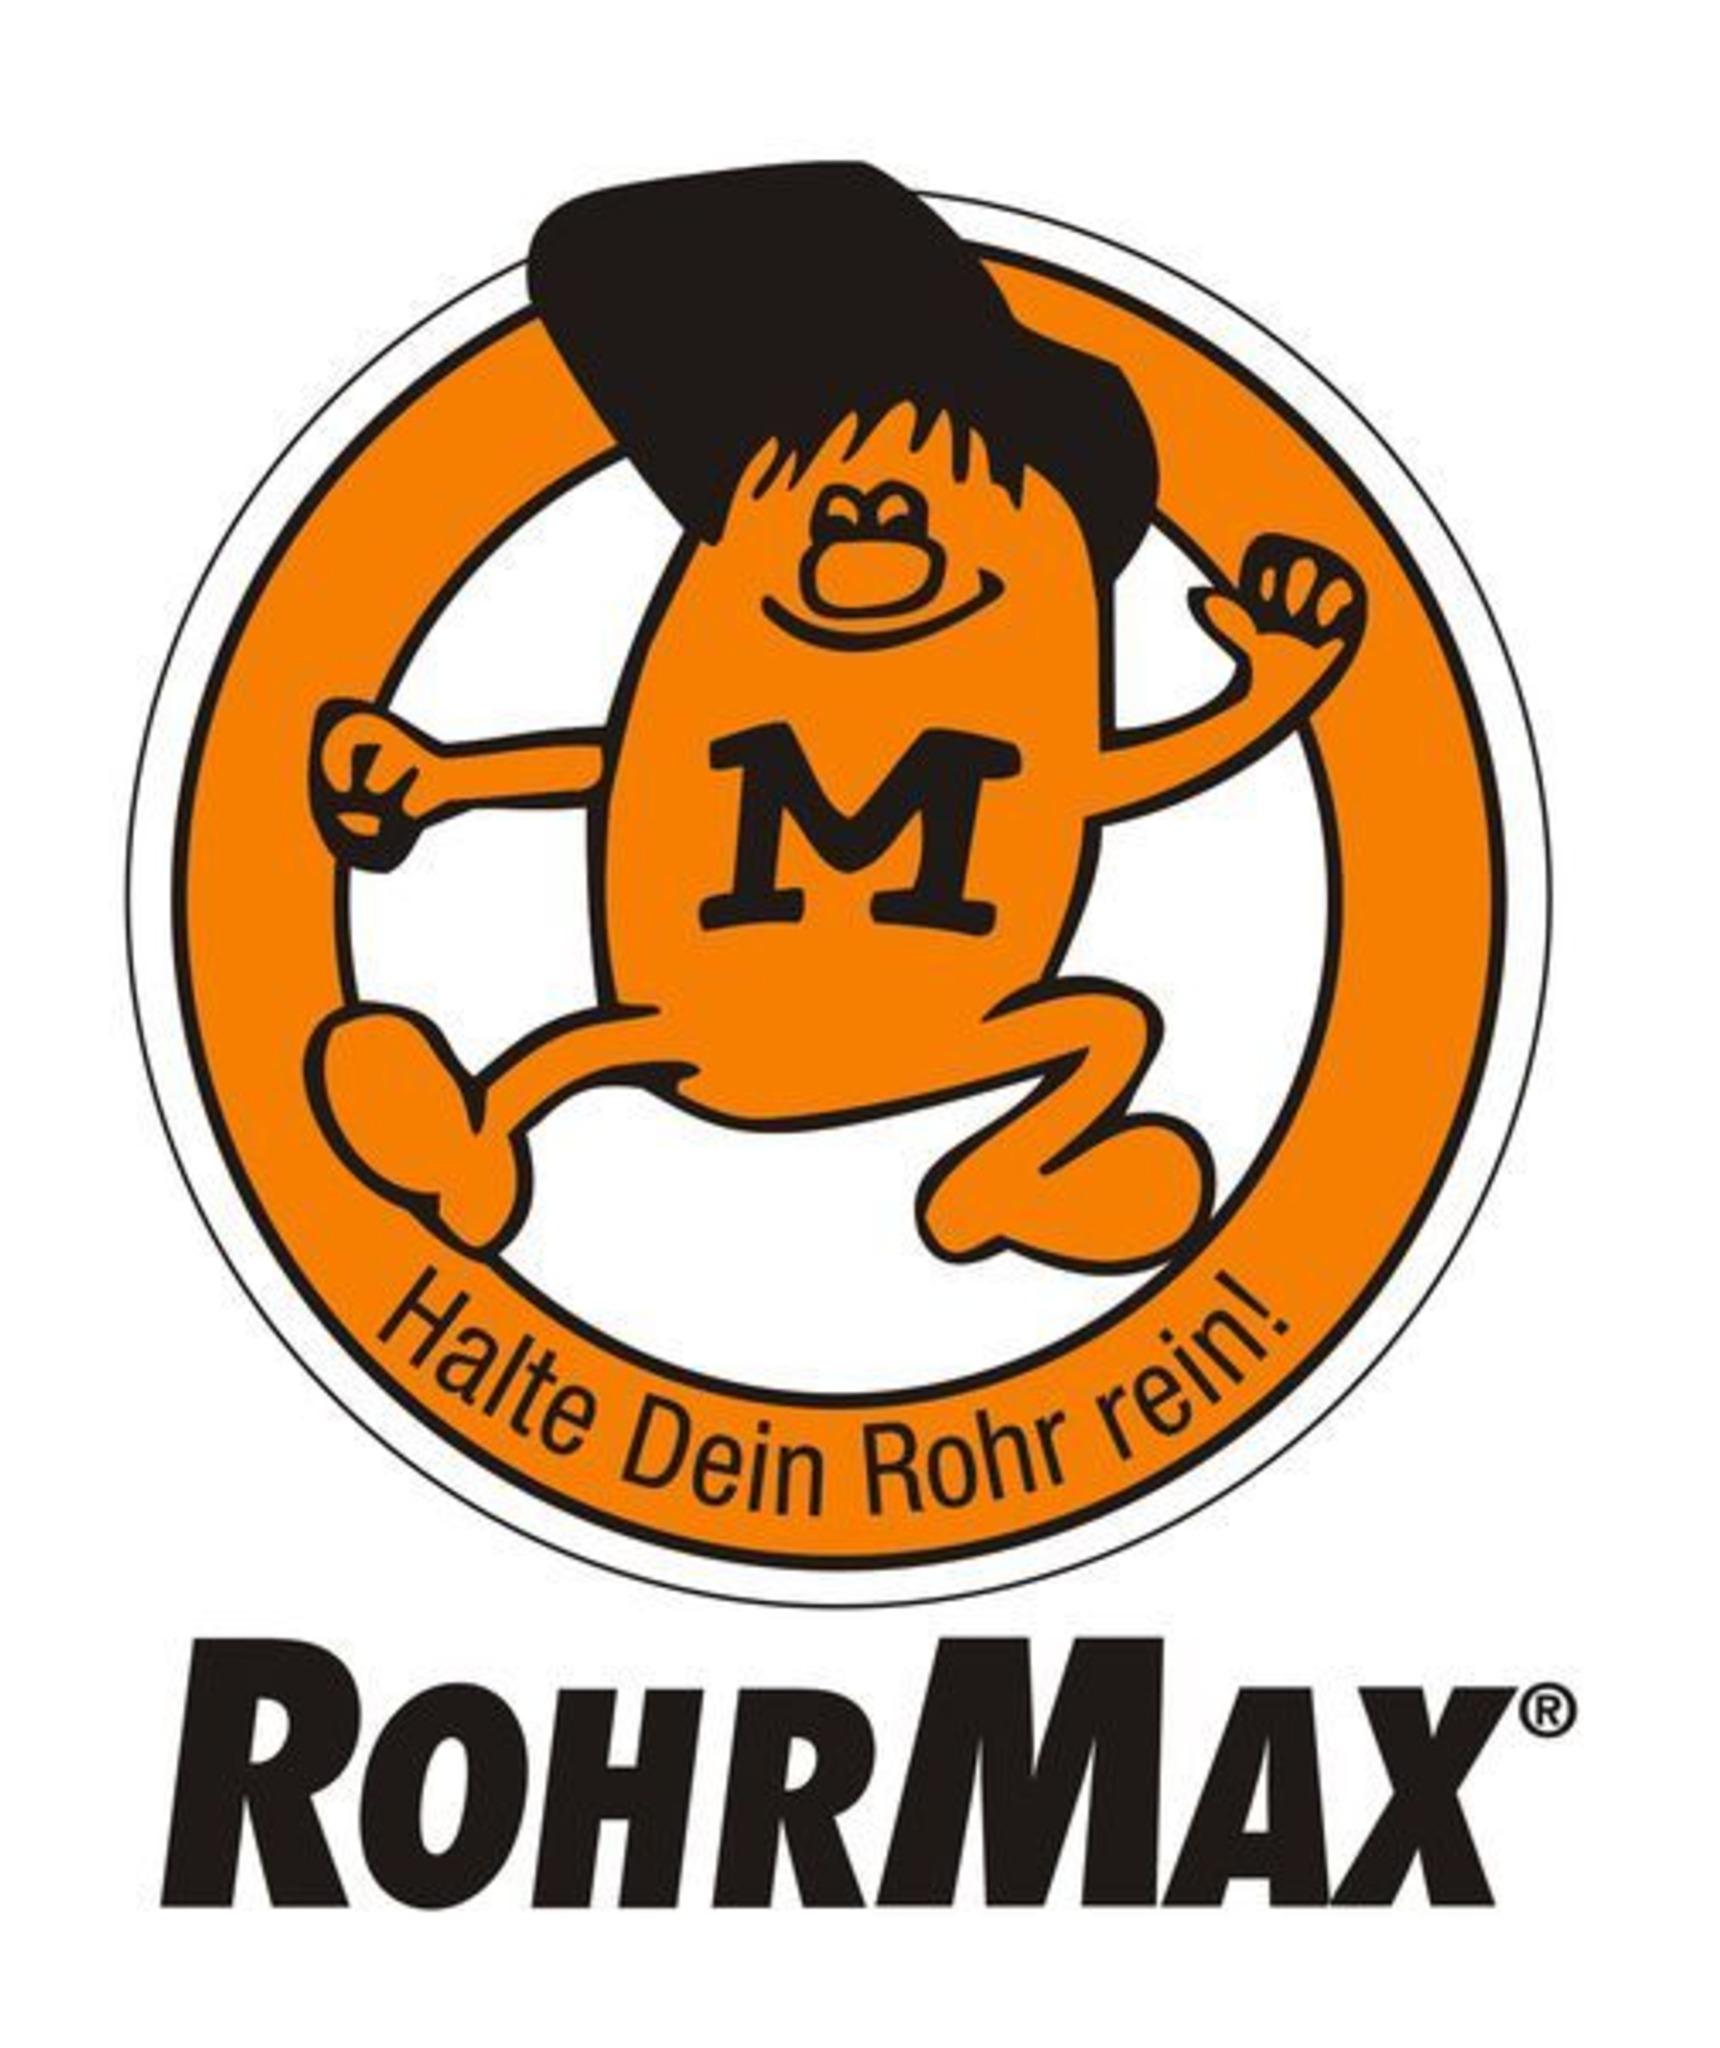 RohrMax: Spezialist bei allen Problemen rund um den Kanal - Linz